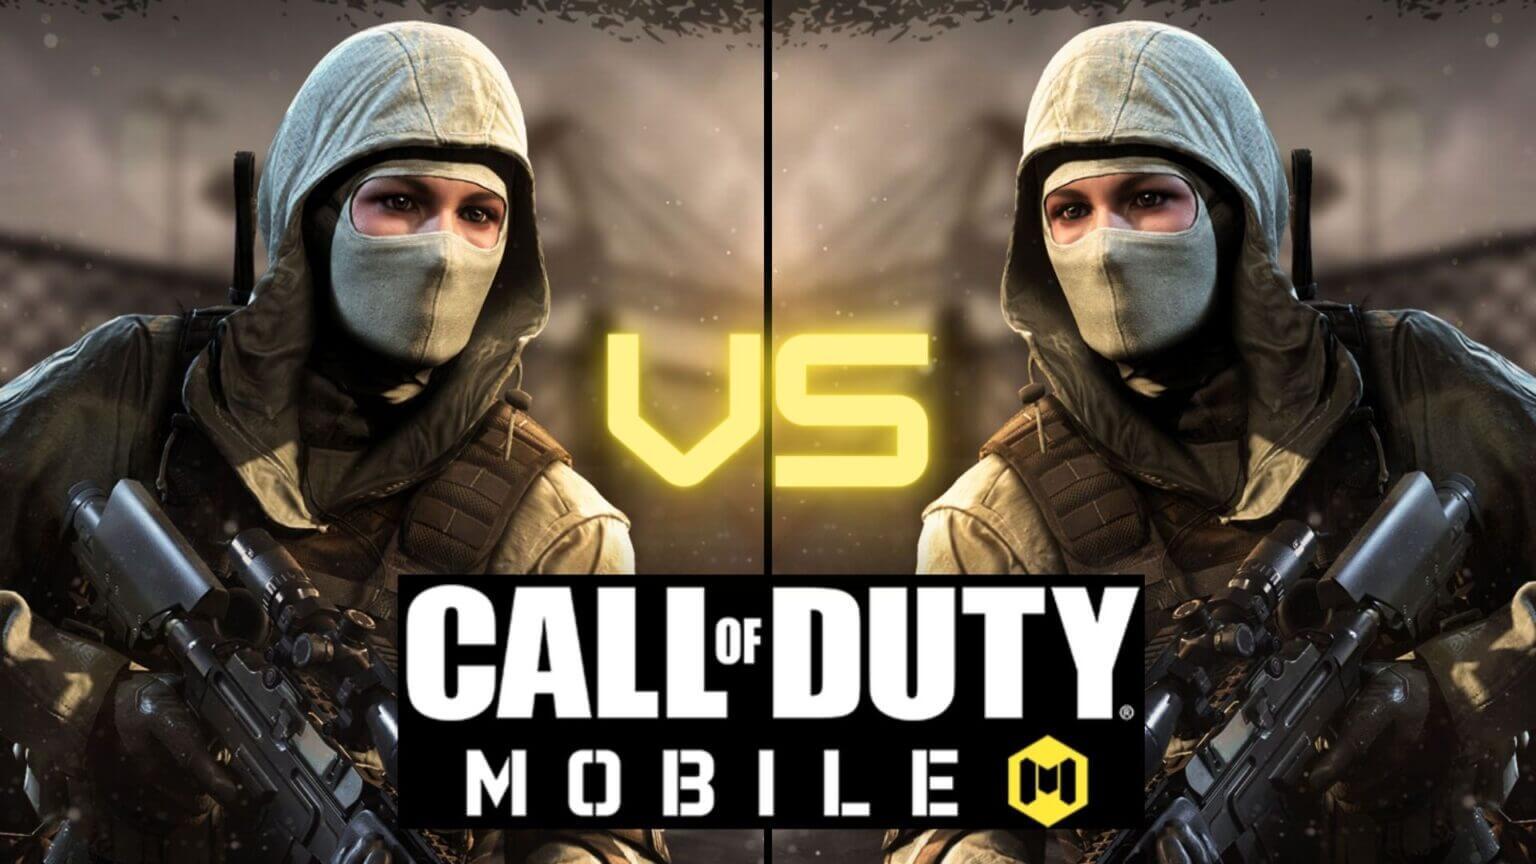 بازی یک به یک در کالاف دیوتی موبایل